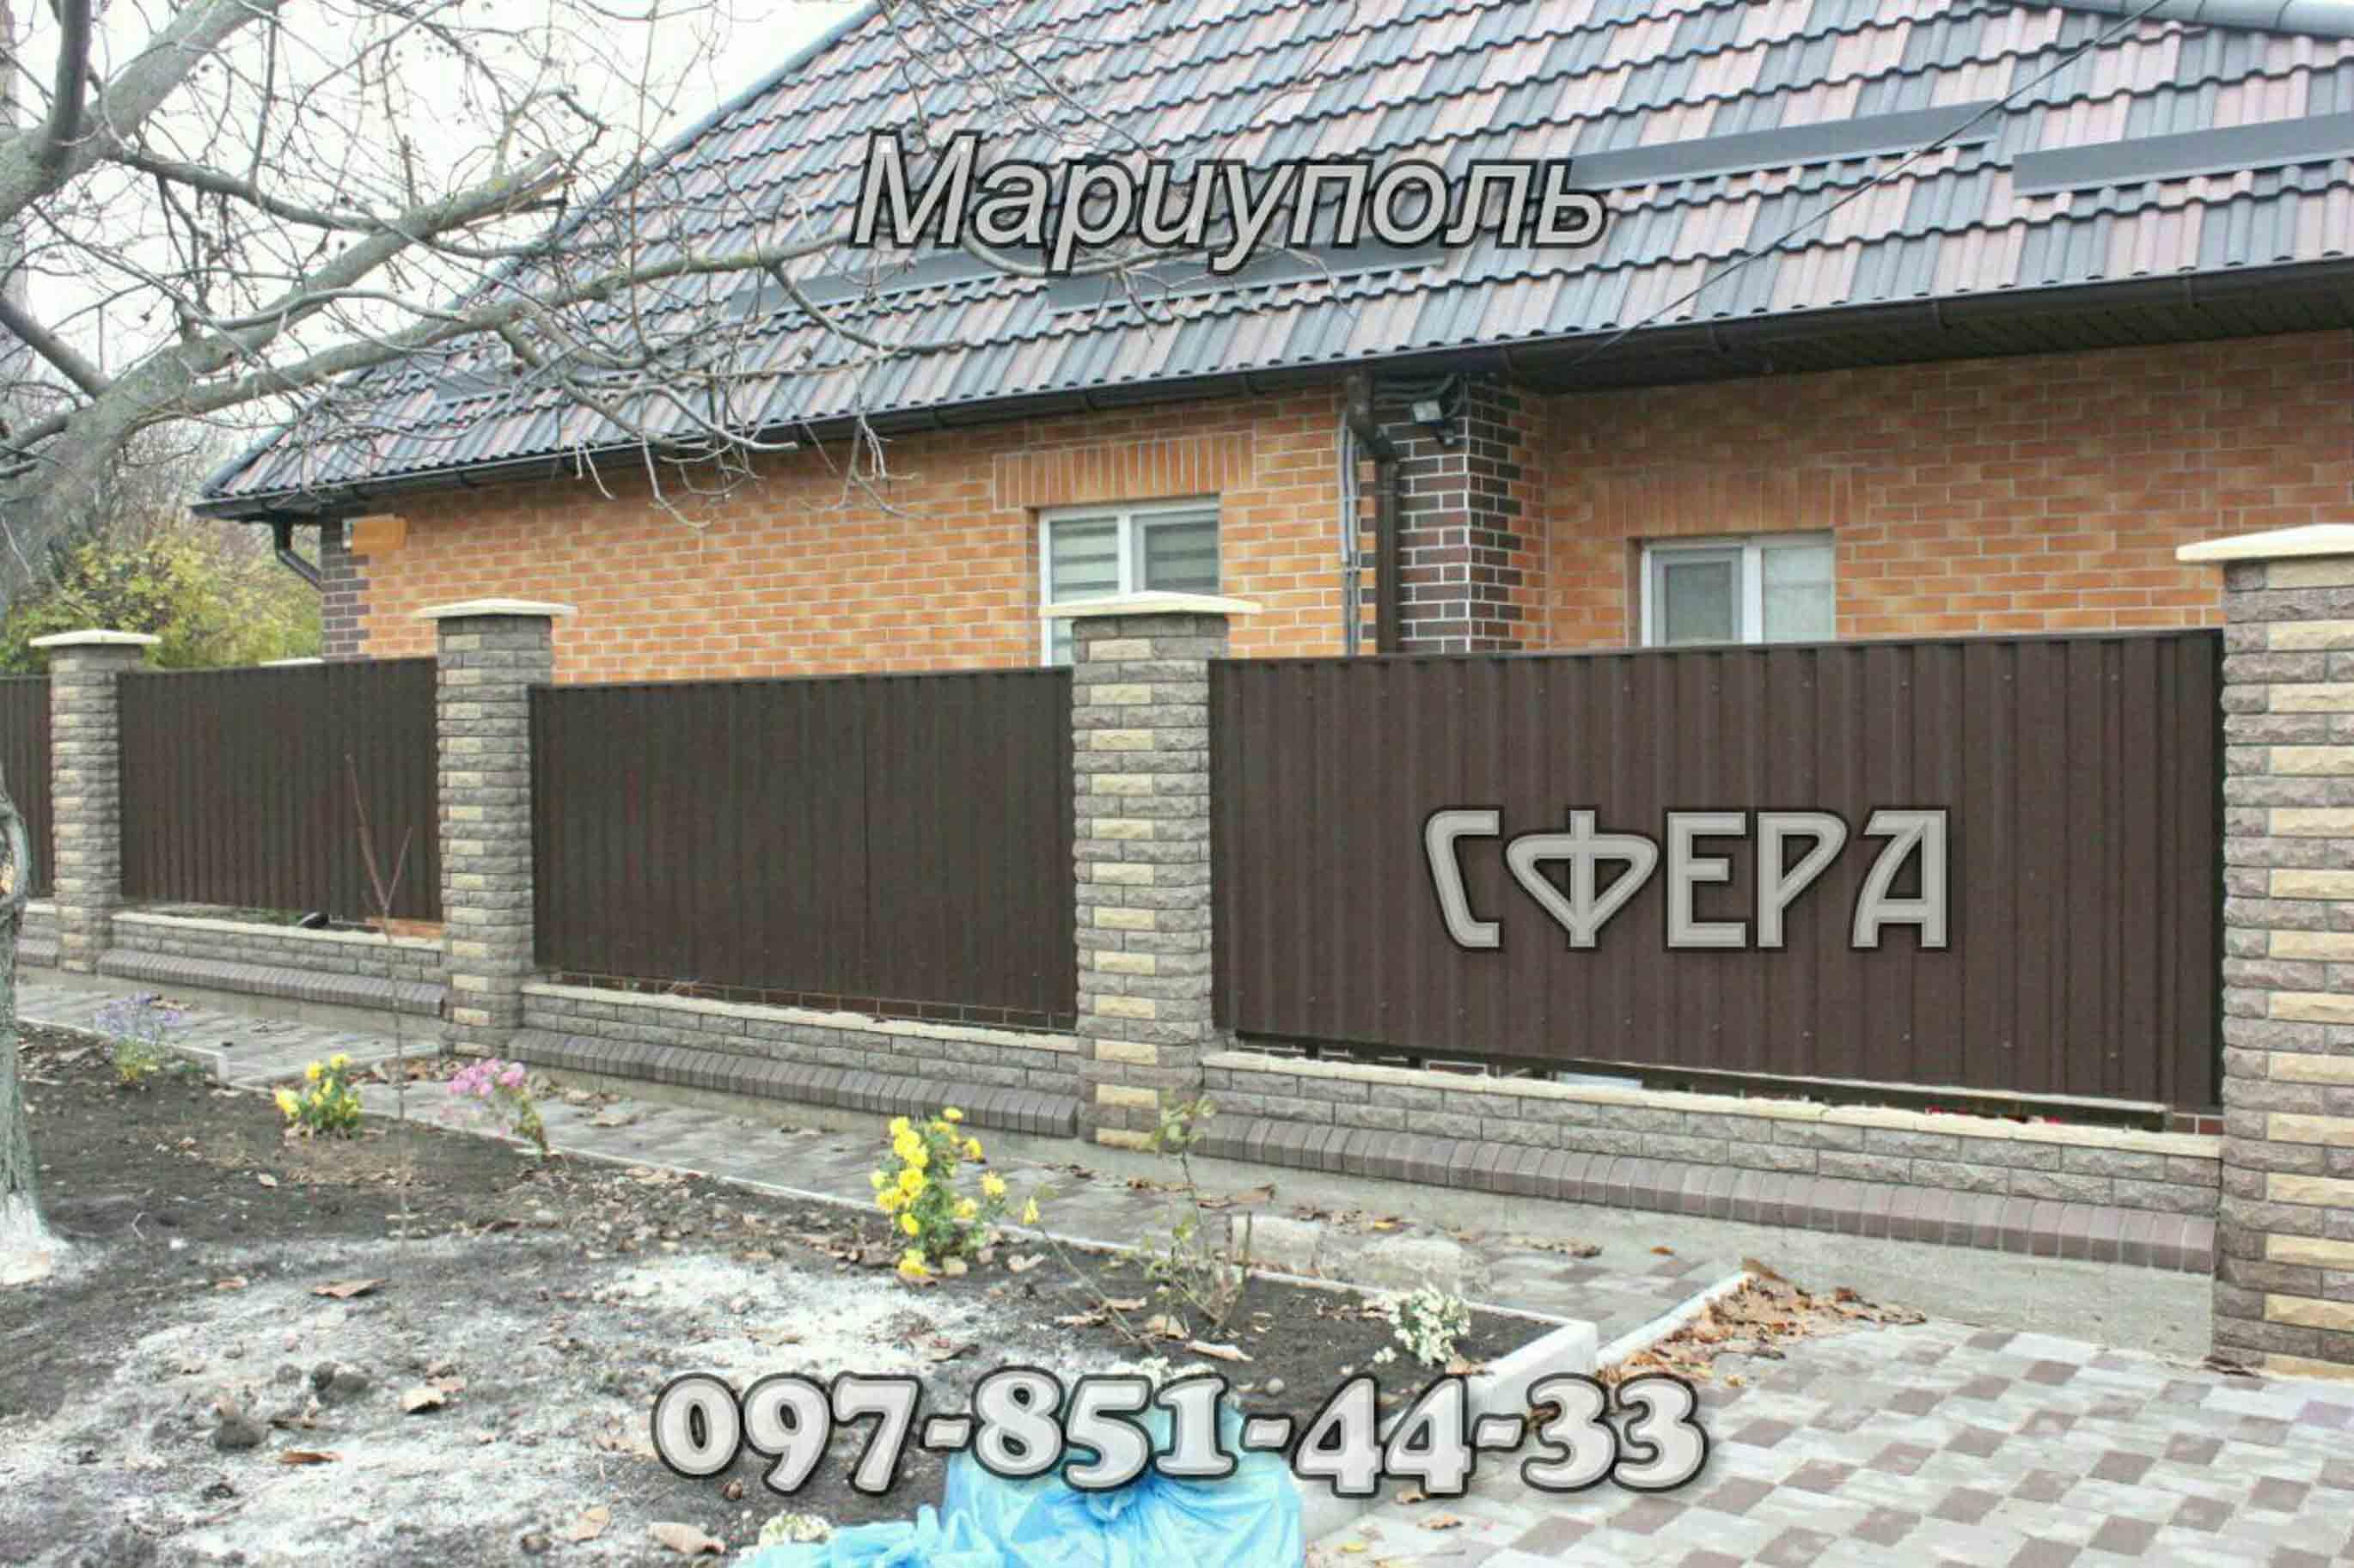 Заборы металлические, кованые, с профлиста, блок-хаус, решетчатые. фото 2